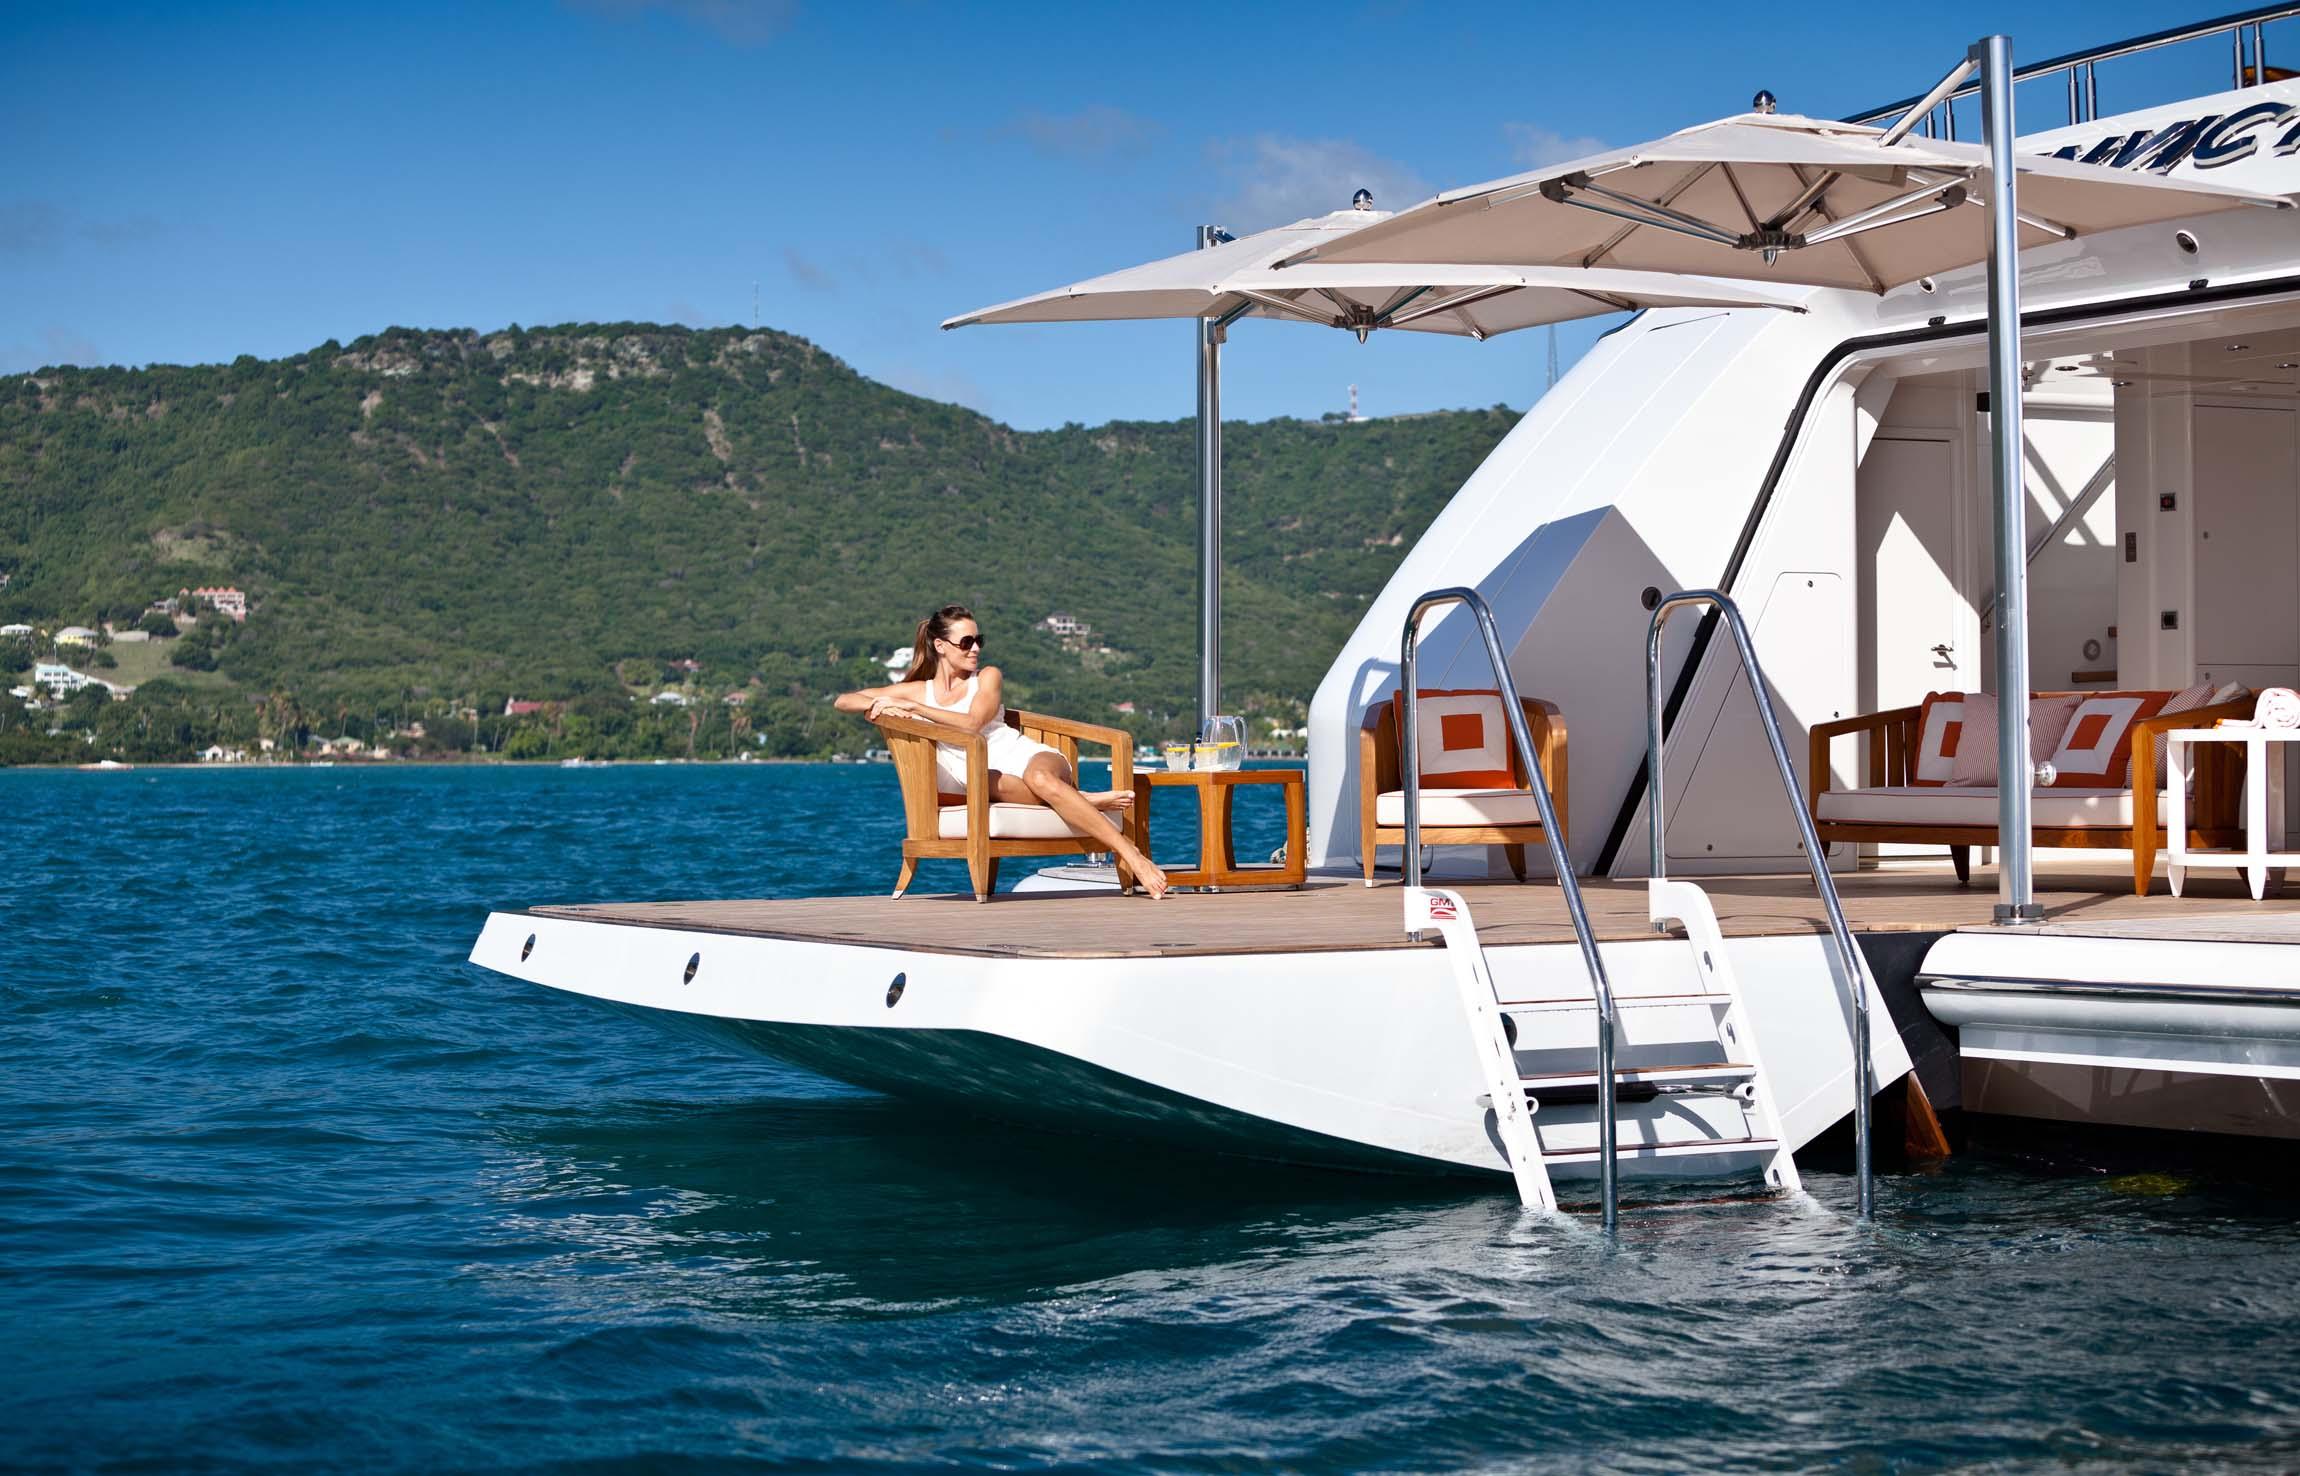 Alquiler de yates Delta Marine en Ibiza. Alquiler de barcos baratos Delta Marine en Ibiza